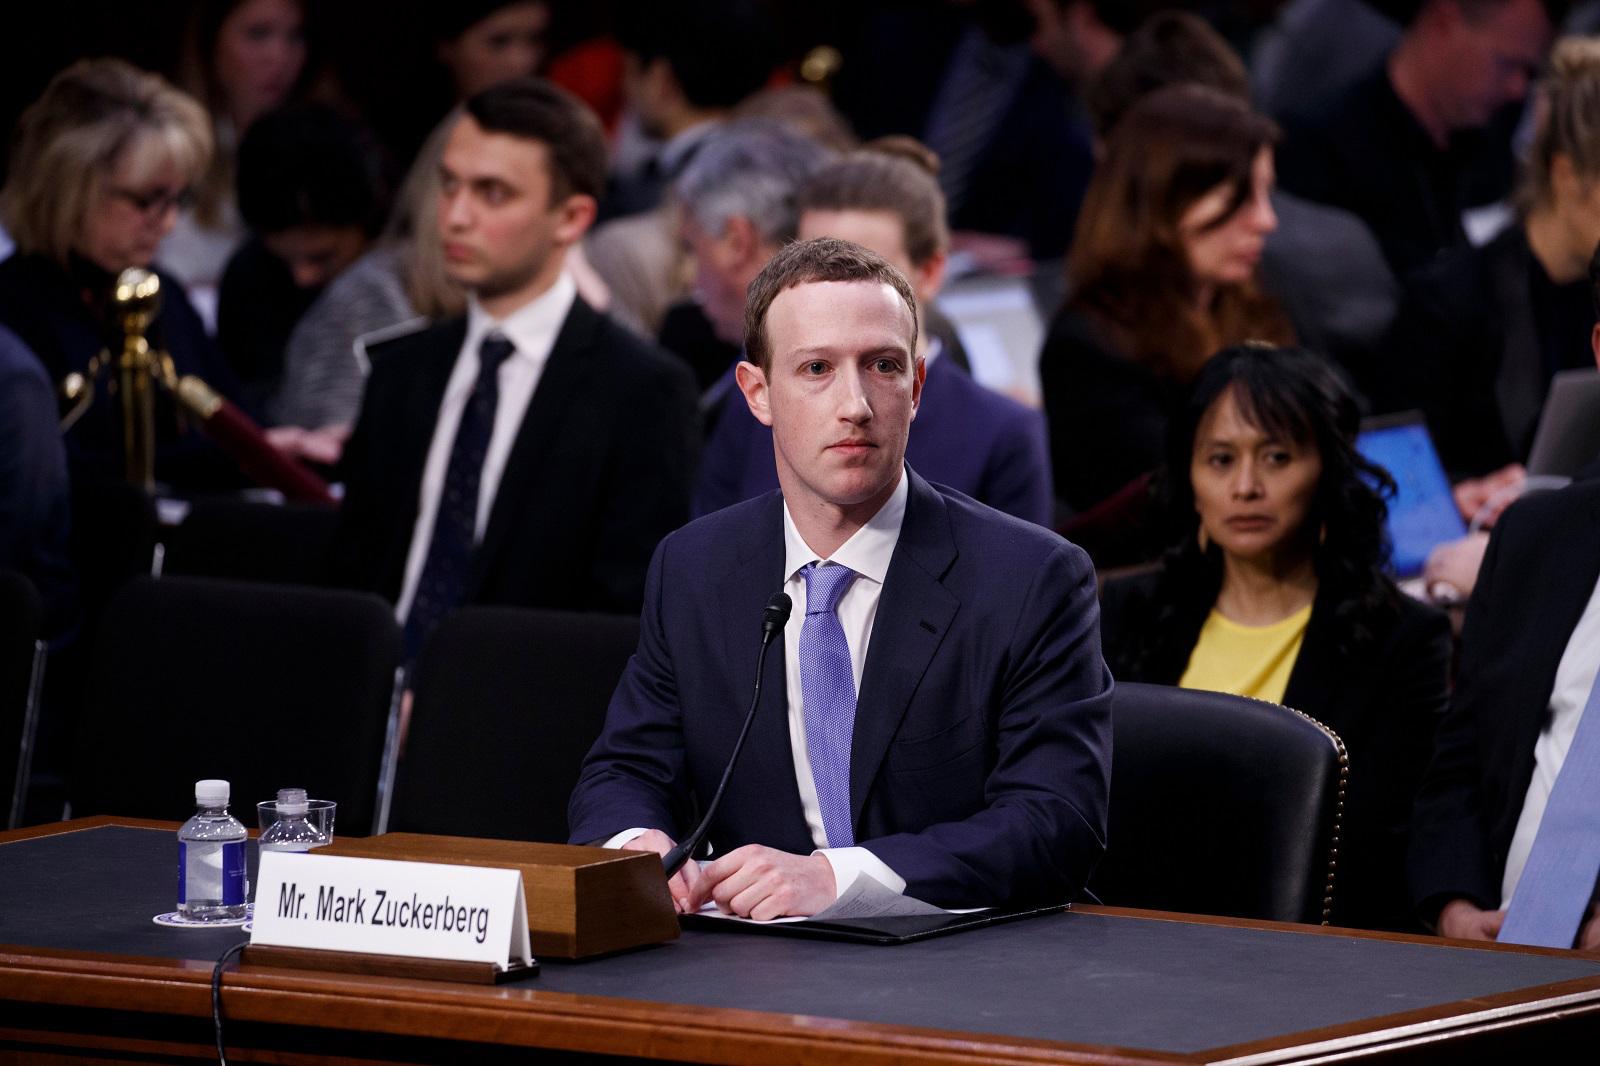 Mark Zuckerberg incontra oggi il Parlamento Europeo, con diretta streaming